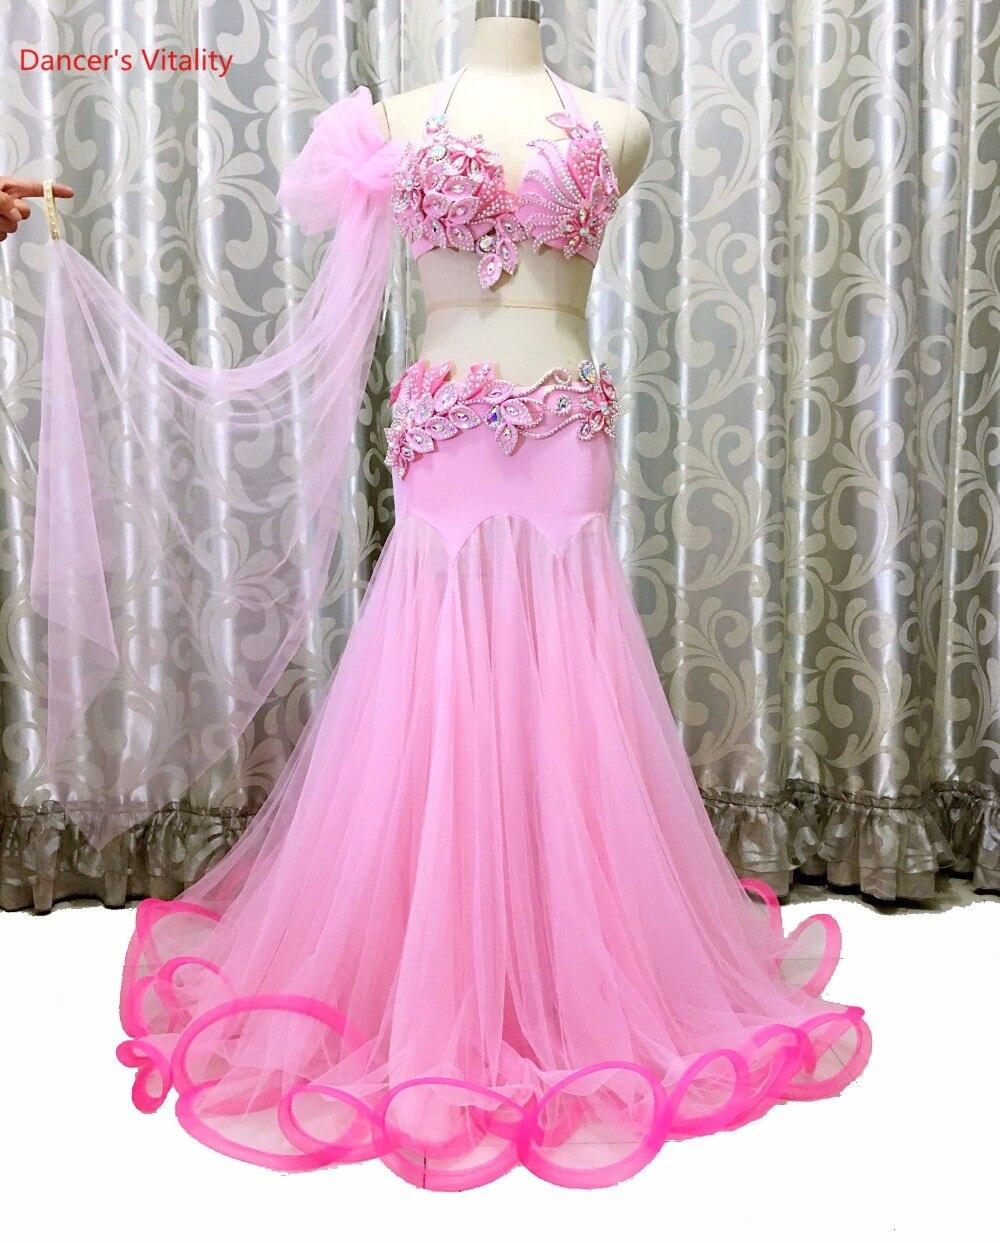 Vitalité du danseur danse du ventre Costumes diamant broderie soutien-gorge épaule Cupcake robe Bellydance ensemble pour Costumes de danse orientale